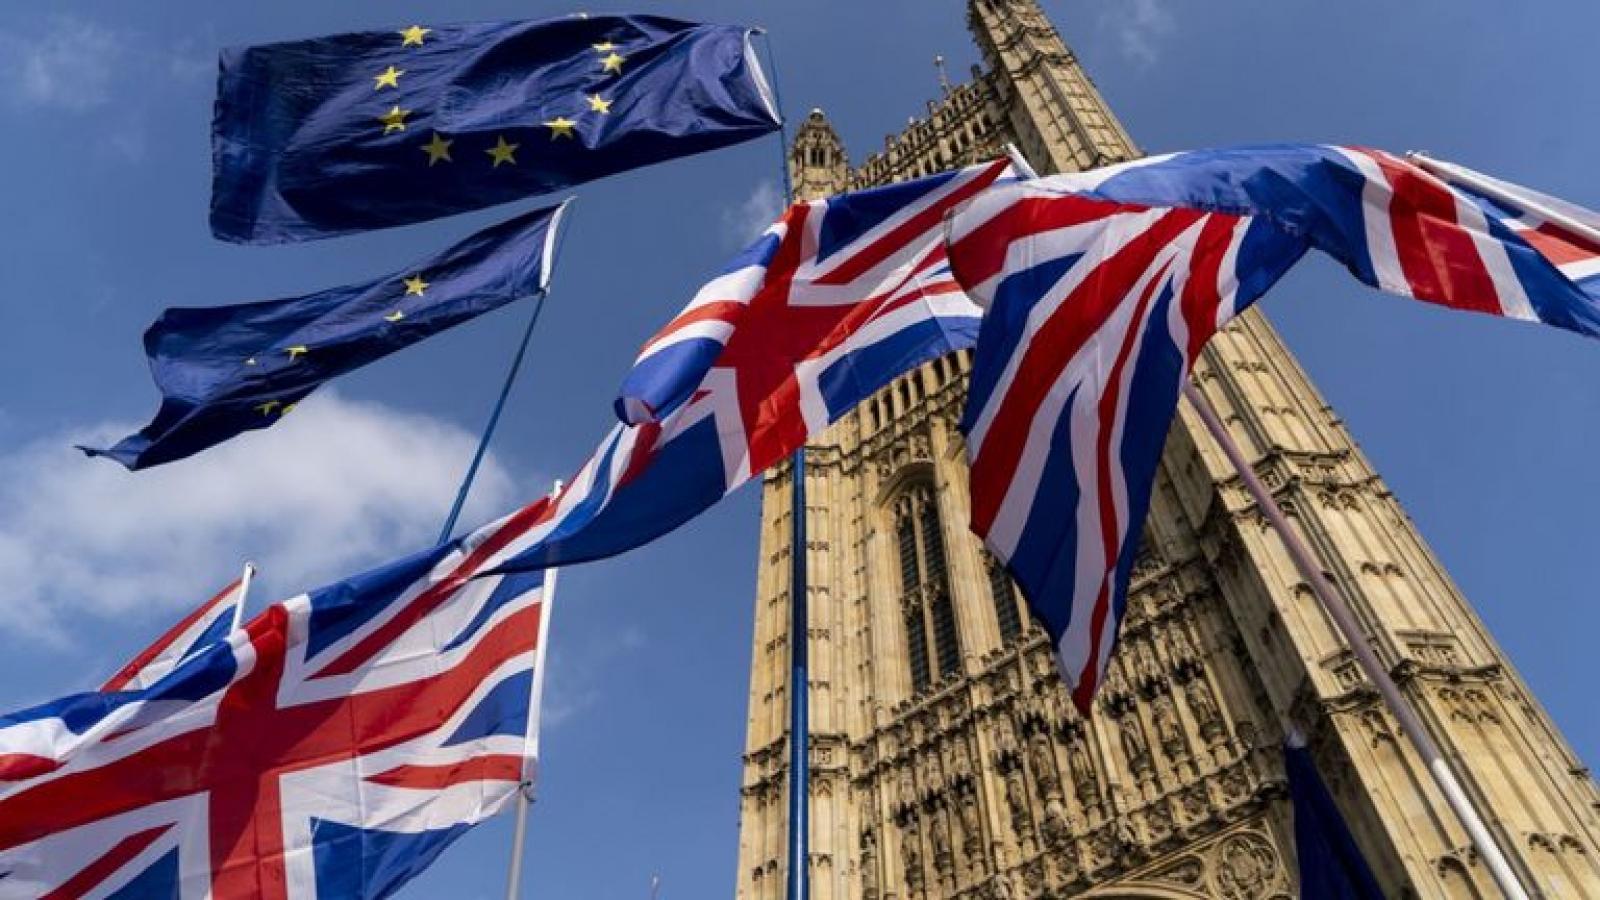 Anh - EU tiếp tục đàm phán: Chưa bên nào chịu nhượng bộ vào phút chót